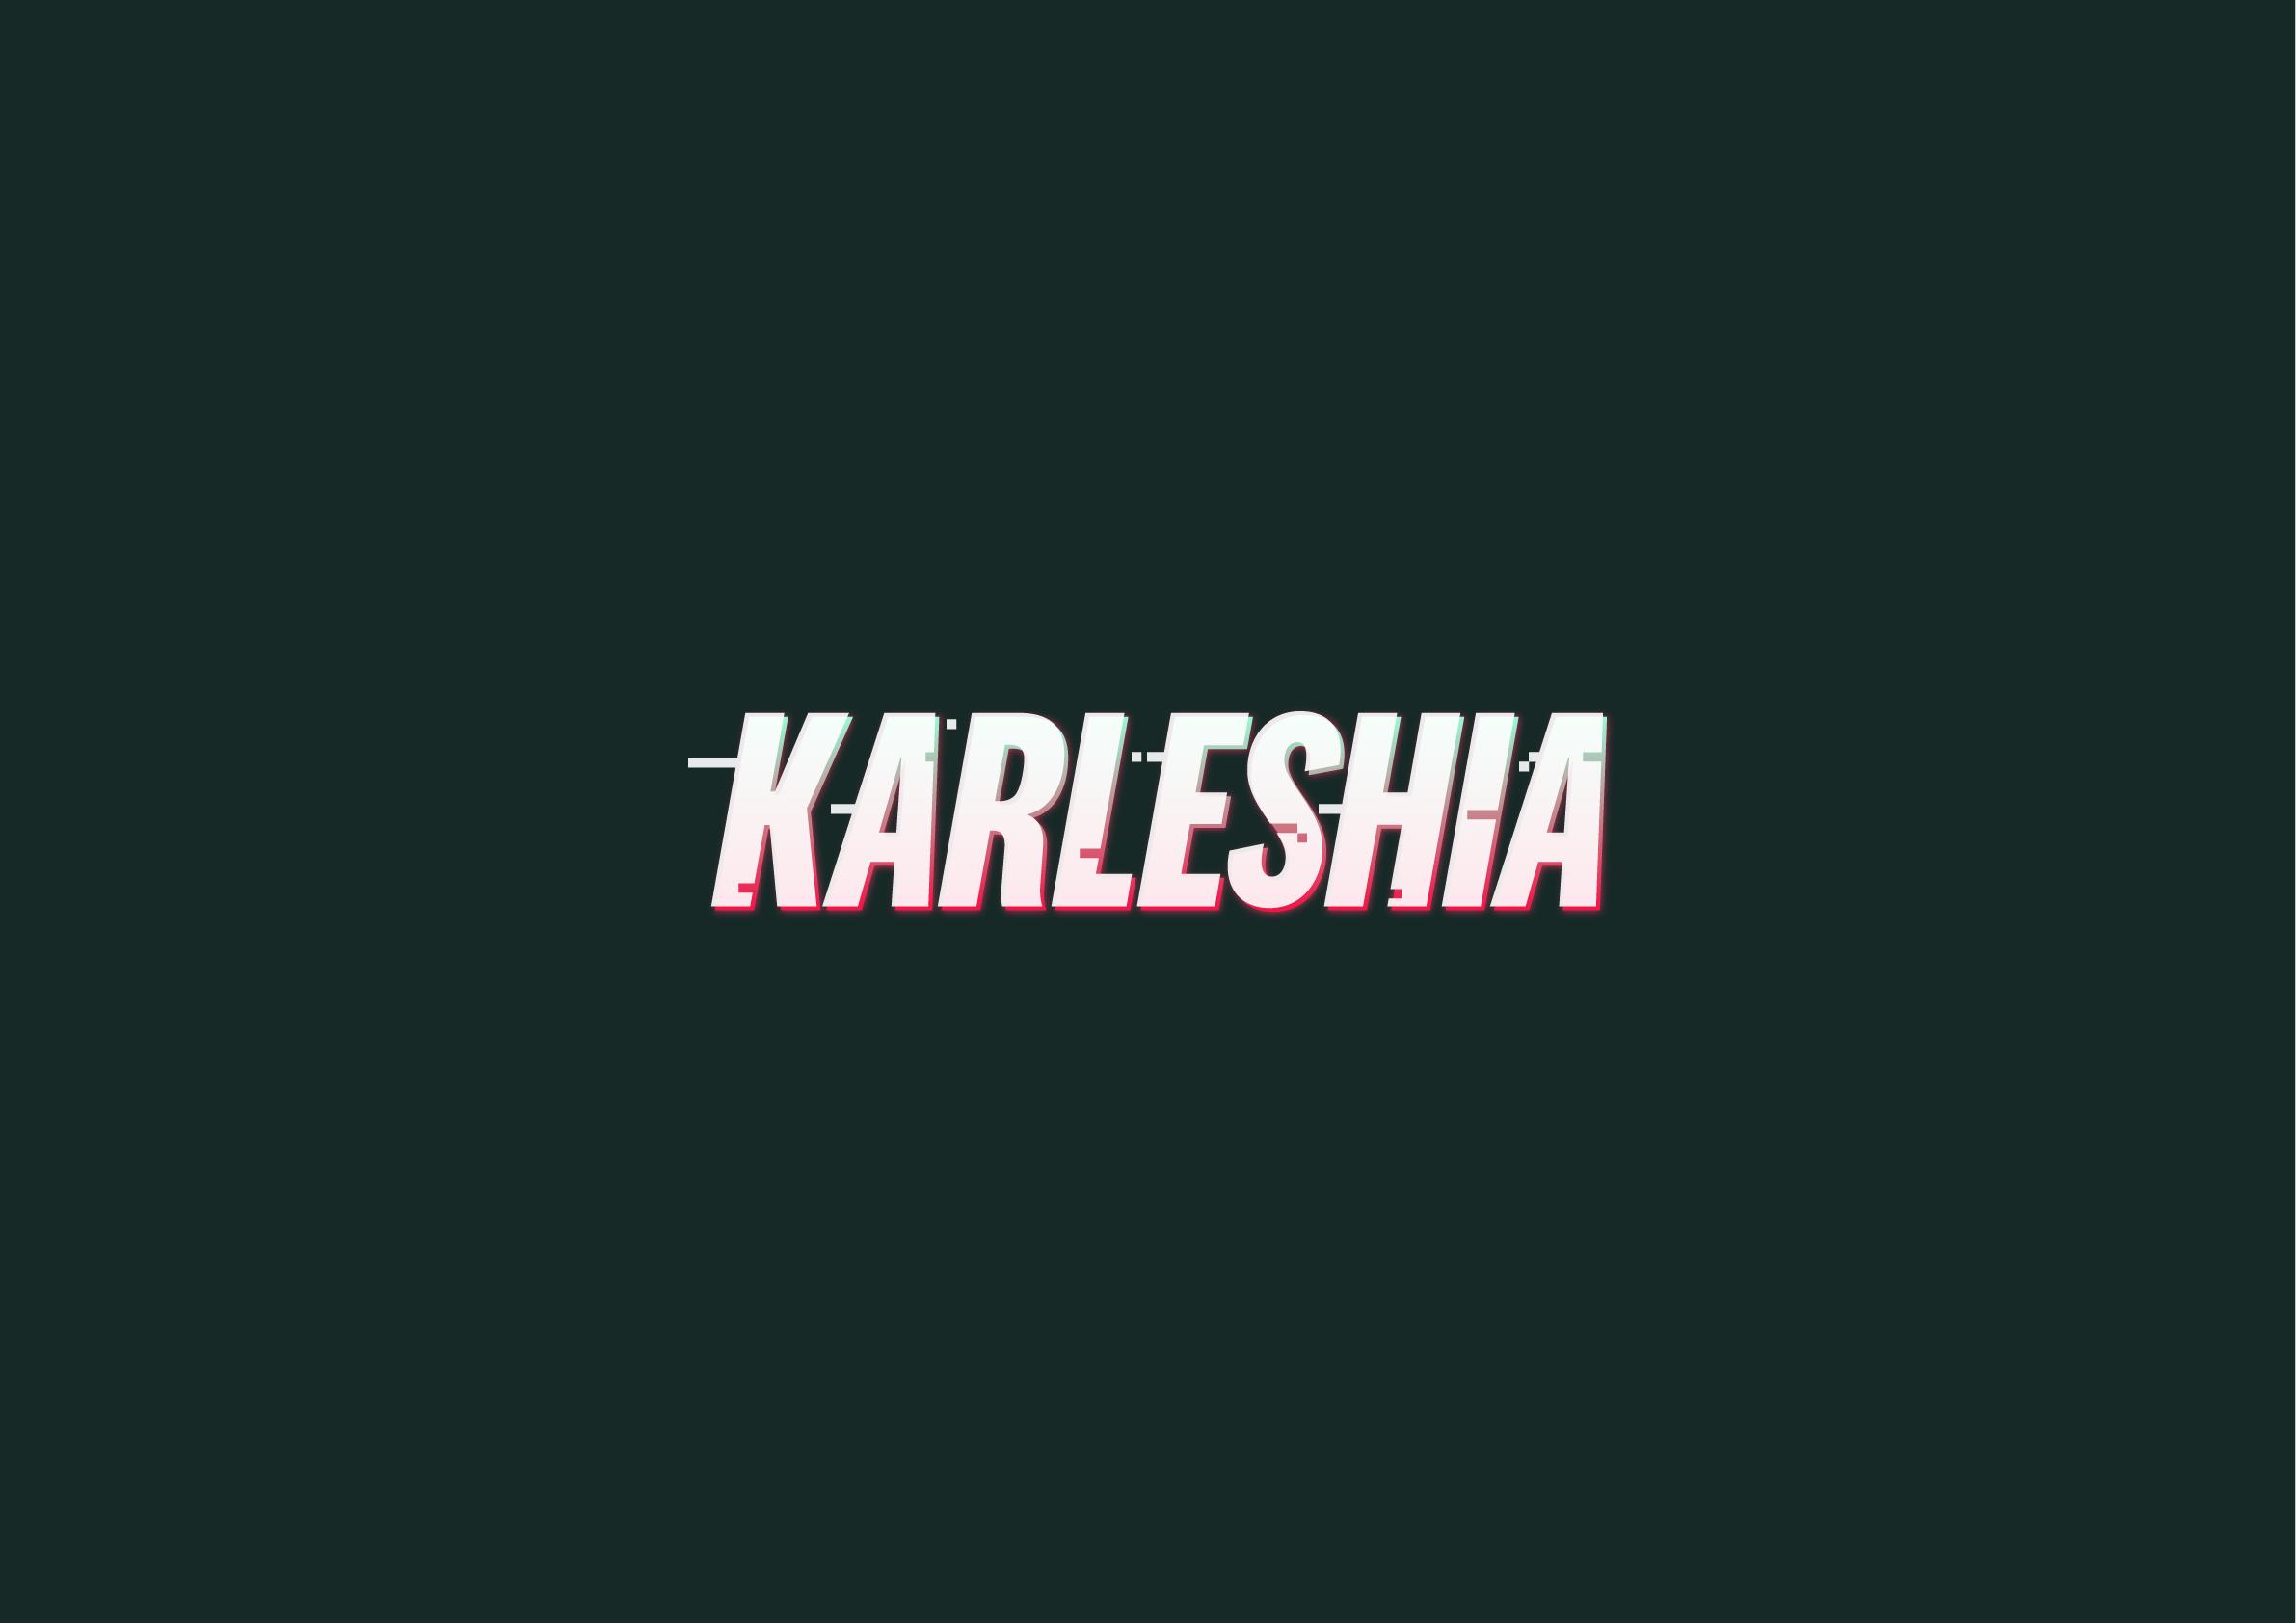 karleshia-logo.jpg